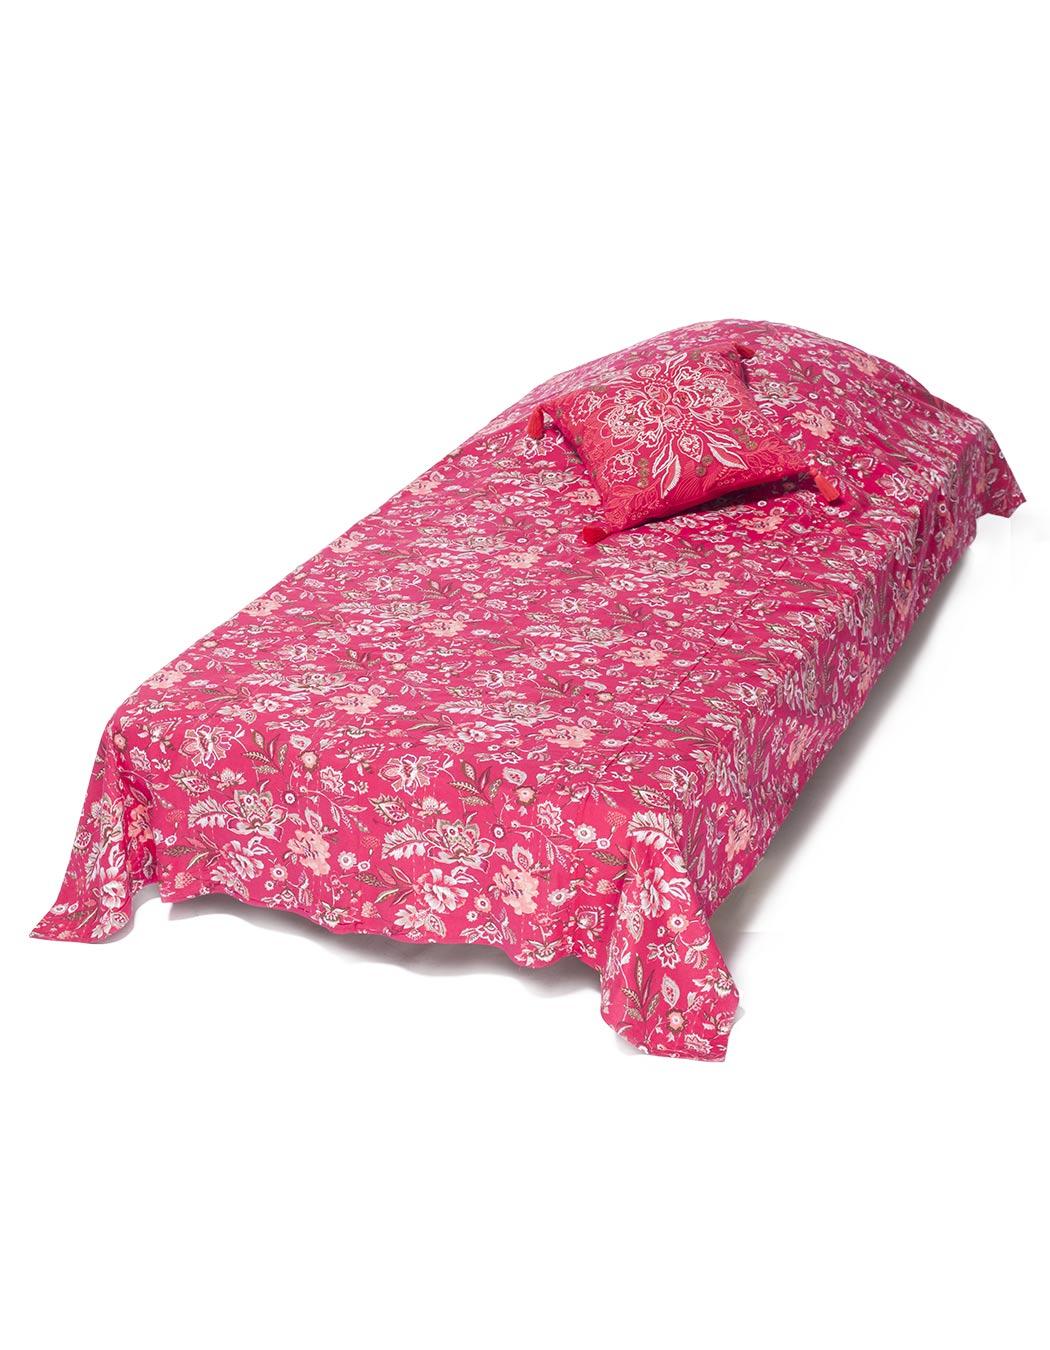 Jeté de lit surpiqué en coton magenta 140 x 230